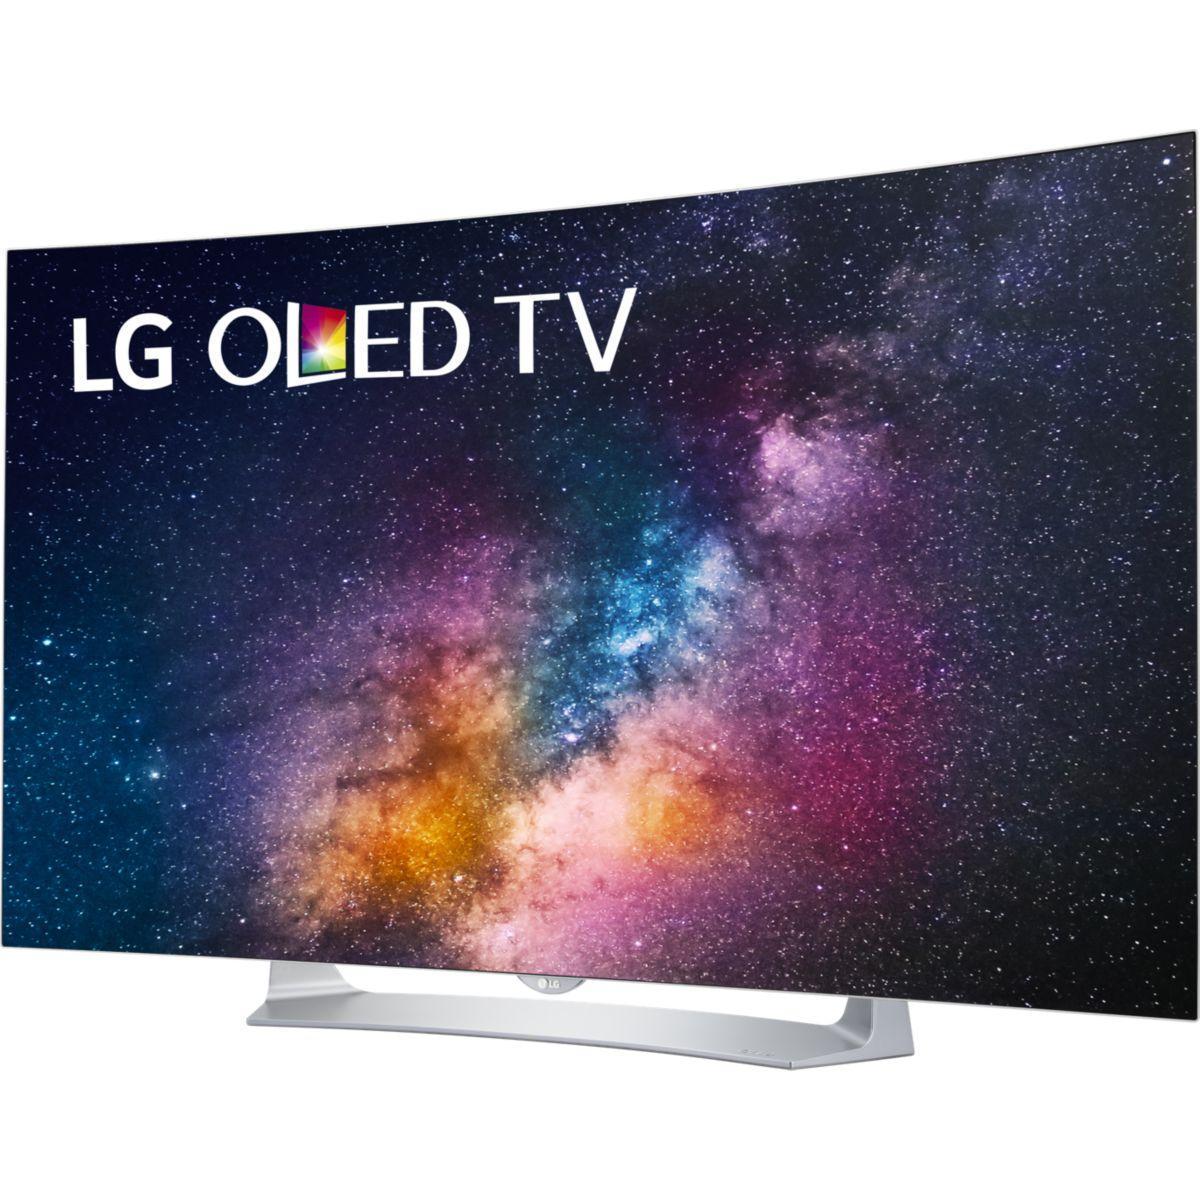 Pack promo tv lg 55eg910v oled incurve + pack enceintes focal sib and cub3 5.1 jet black + amplificateur audio/vidéo onkyo txsr444 noir - livraison of